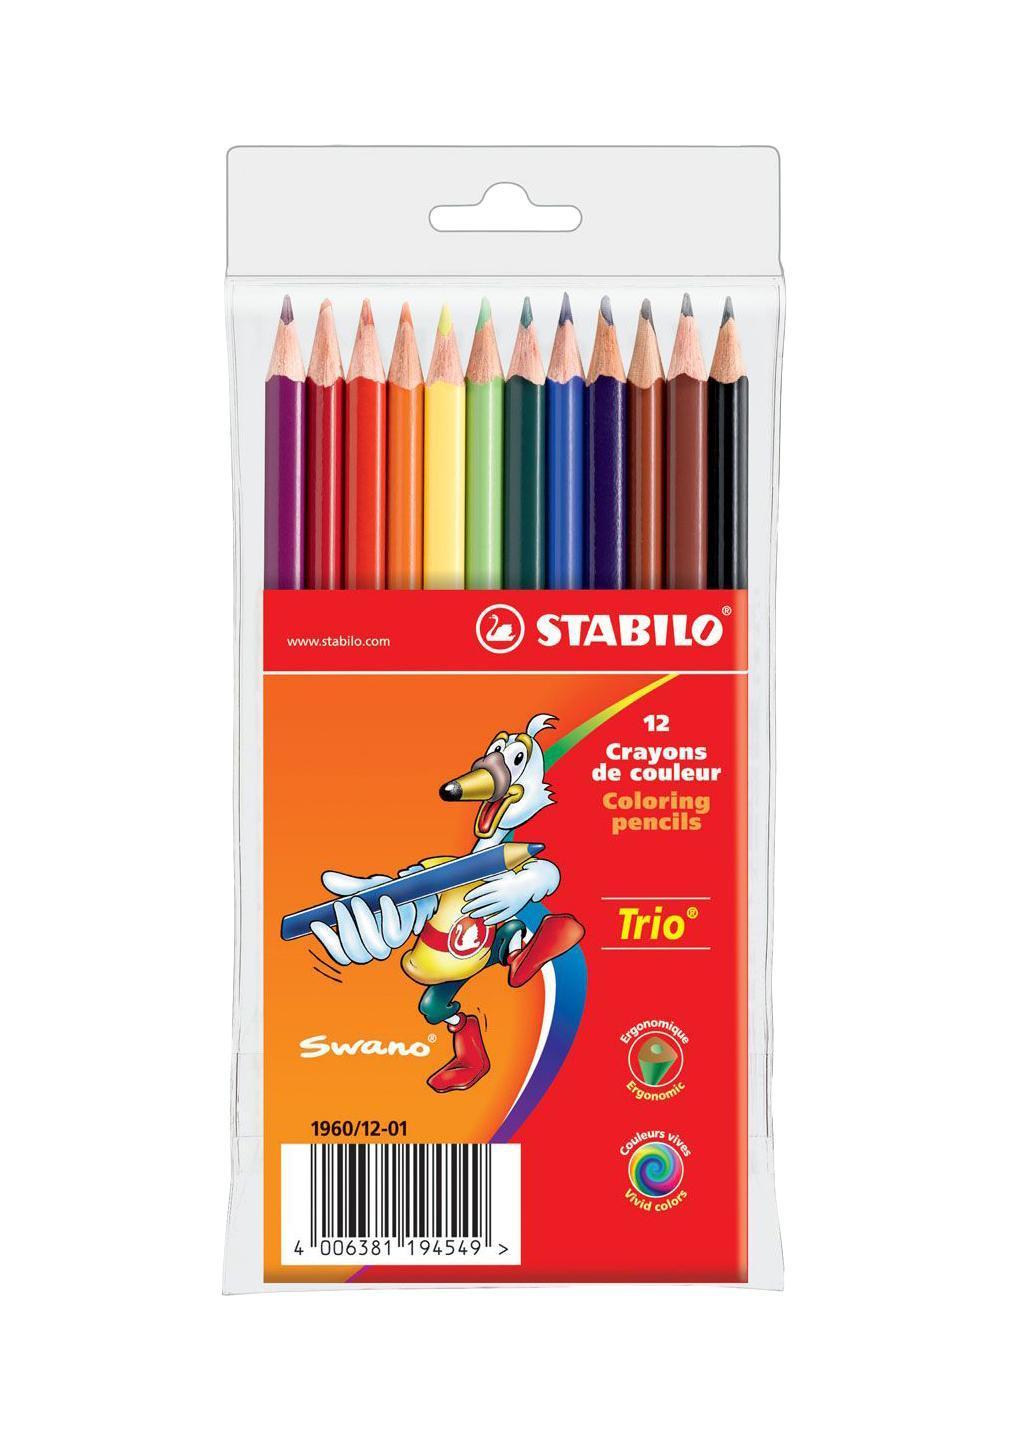 Карандаши цветные Stabilo Trio, 12 цветов72523WDСерия цветных карандашей STABILO Trio. Трехгранная форма карандаша предотвращает усталость детской руки при рисовании и позволяет привить ребенку навык правильно держать пишущий инструмент. Карандаши имеют широкую гамму цветов, которые отлично смешиваются и позволяют создавать огромное количество оттенков. Насыщенные цвета имеют высокую светостойкость. В состав грифелей входит пчелиный воск, благодаря чему грифели легко рисуют на бумаге, не царапая ее и не крошась, и обладают повышенной устойчивостью к нагрузкам. Карандаши не ломаются при рисовании и затачивании. Характеристики:Материал:дерево. Диаметр карандаша:0,7 см. Диаметр грифеля:2,5 мм. Длина карандаша:17,5 см. Толщина письма:0,1 см. Размер упаковки:10,5 см х 17,5 см х 1 см. Изготовитель:Германия.